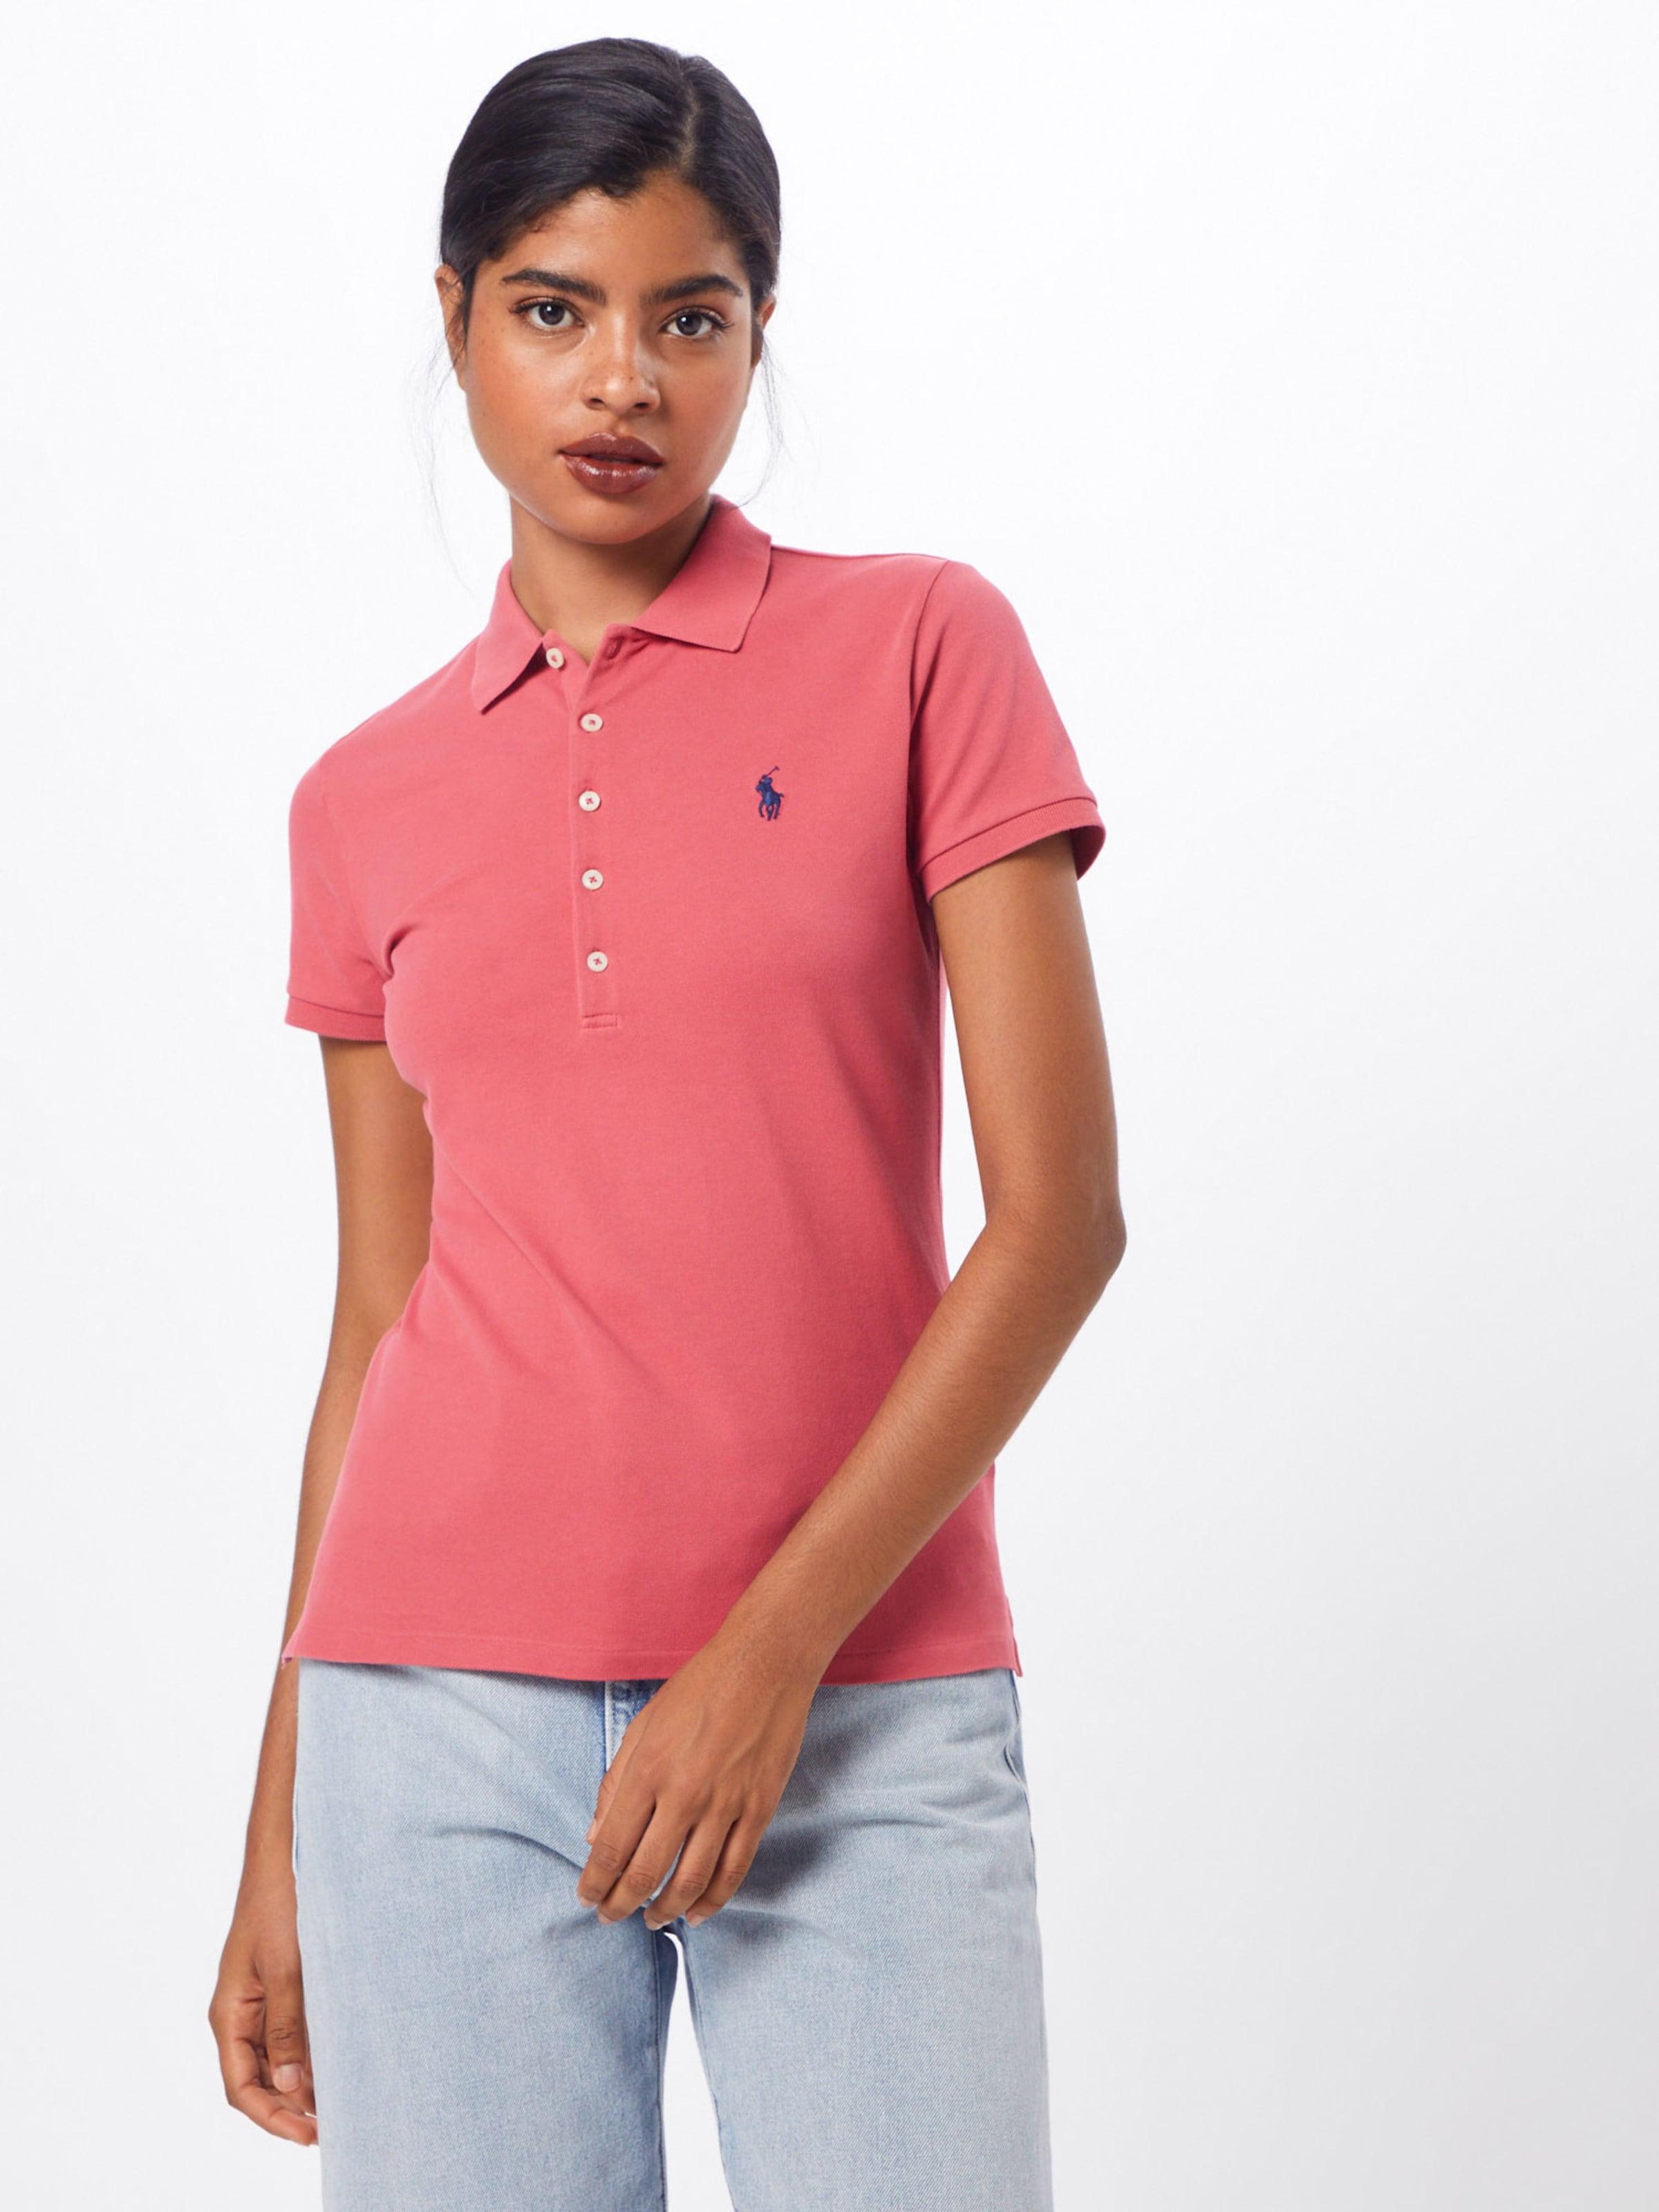 'julie' Lauren NavyRot Poloshirt In Polo Ralph CxthrdsQ